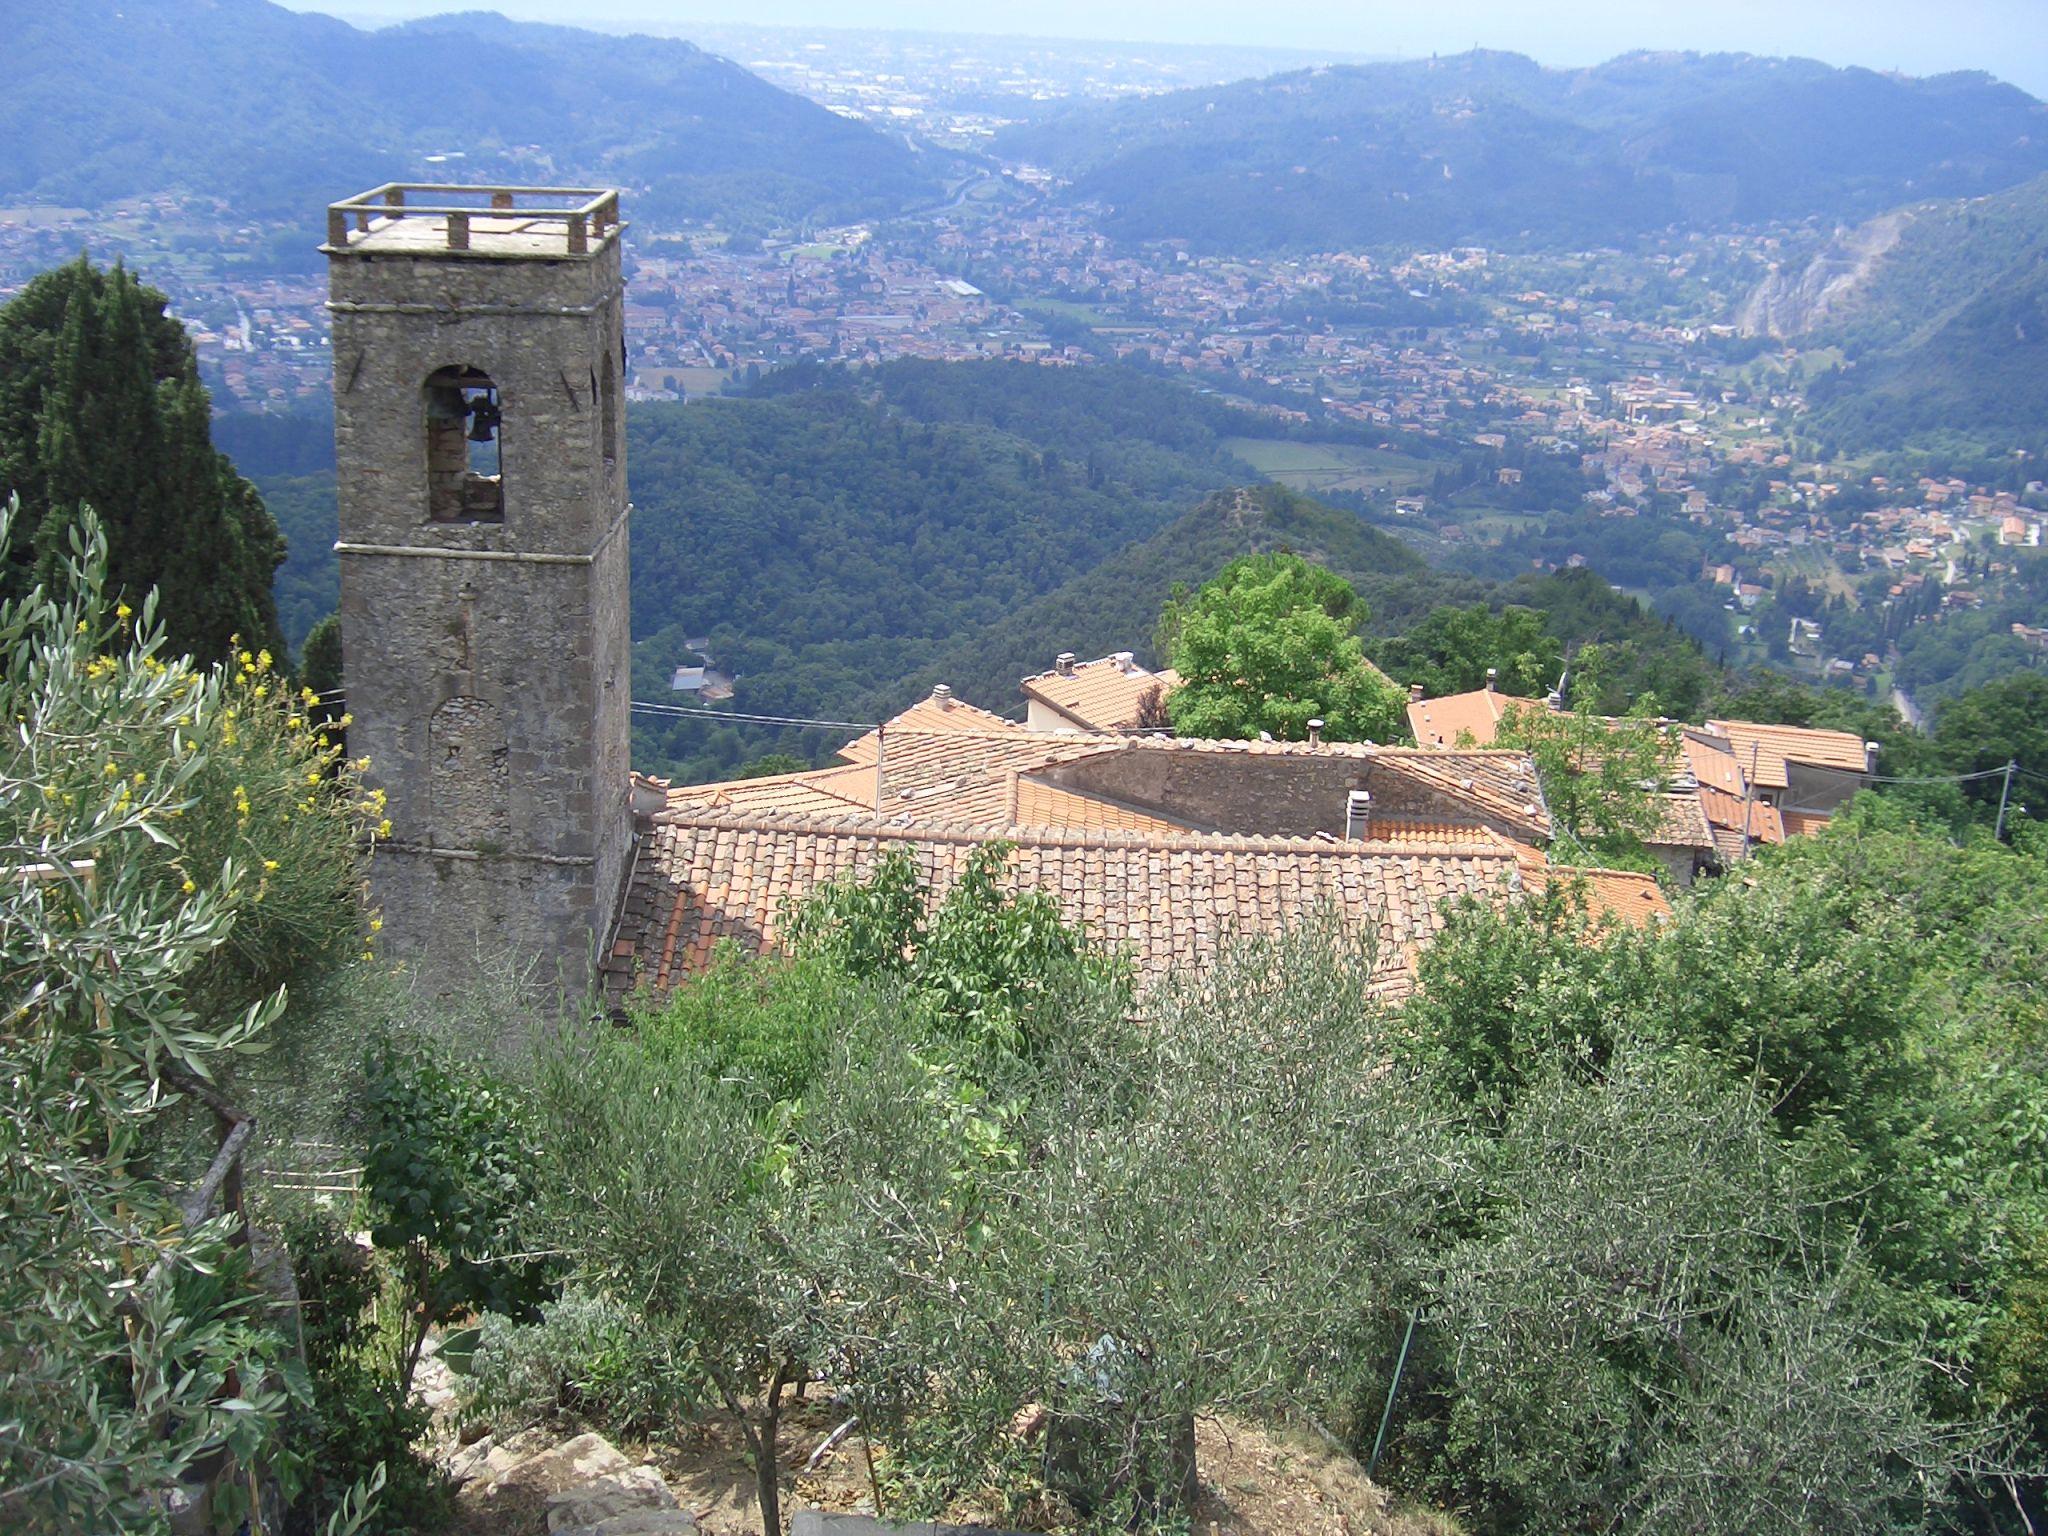 Blick über die Kirche S. Maria Assunta in Metato, Italy